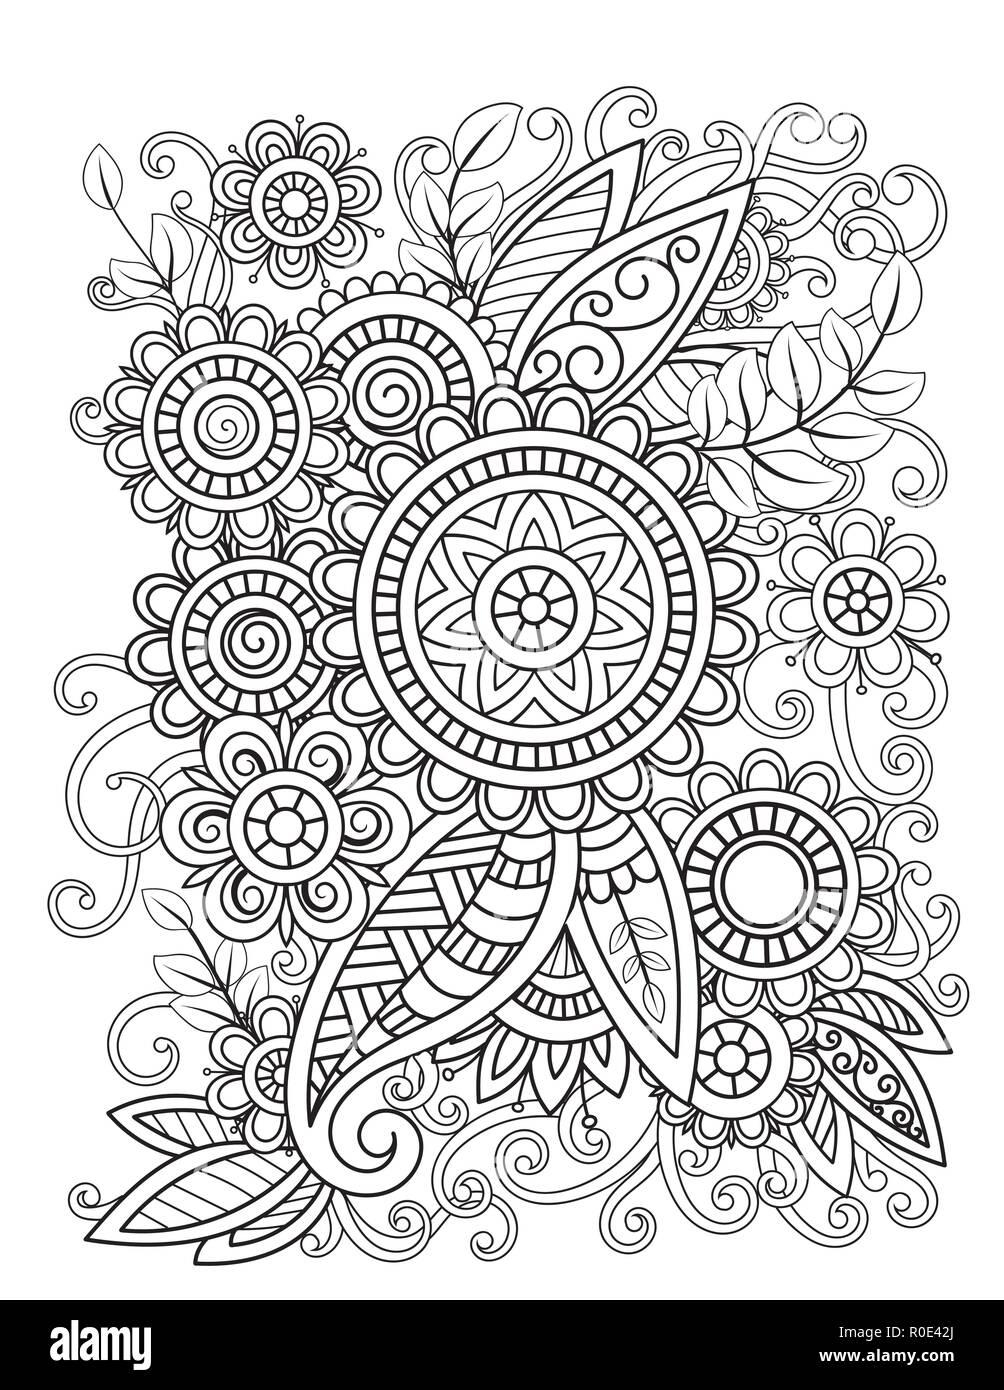 Des Profils Coloriage Avec Motif Floral Oriental Noir Et